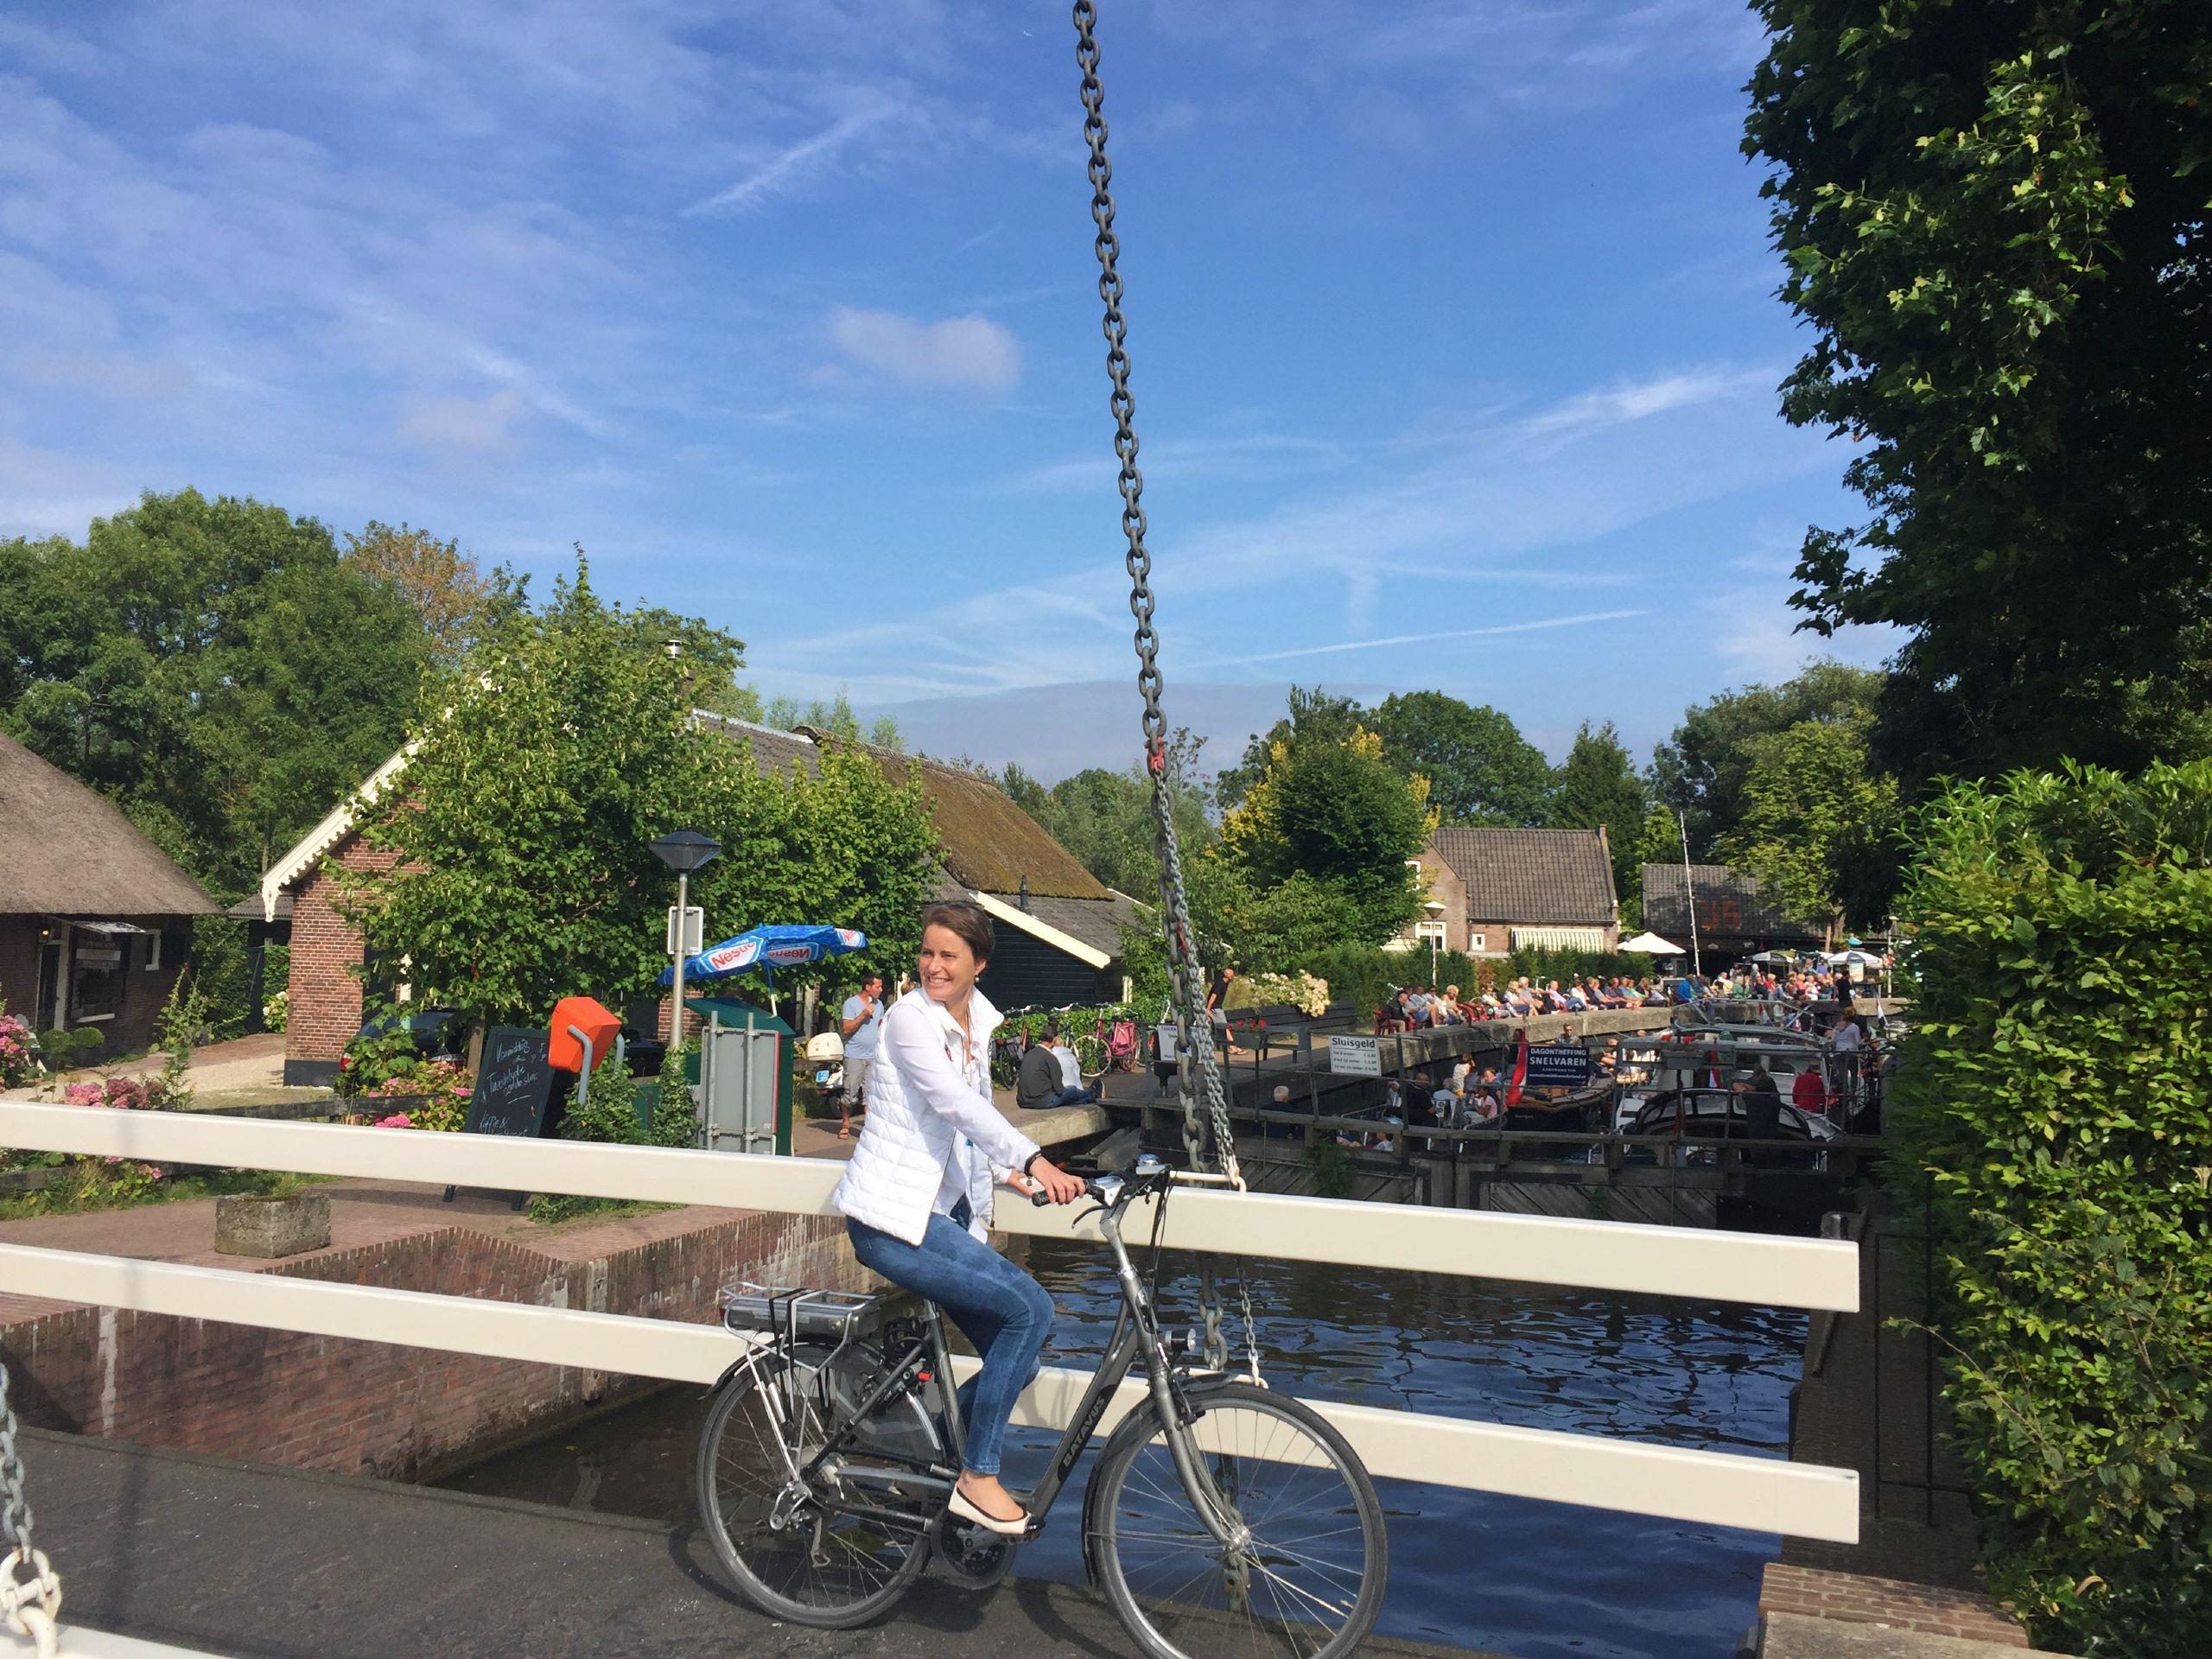 Lady crossing the bridge on a bike in Vecht